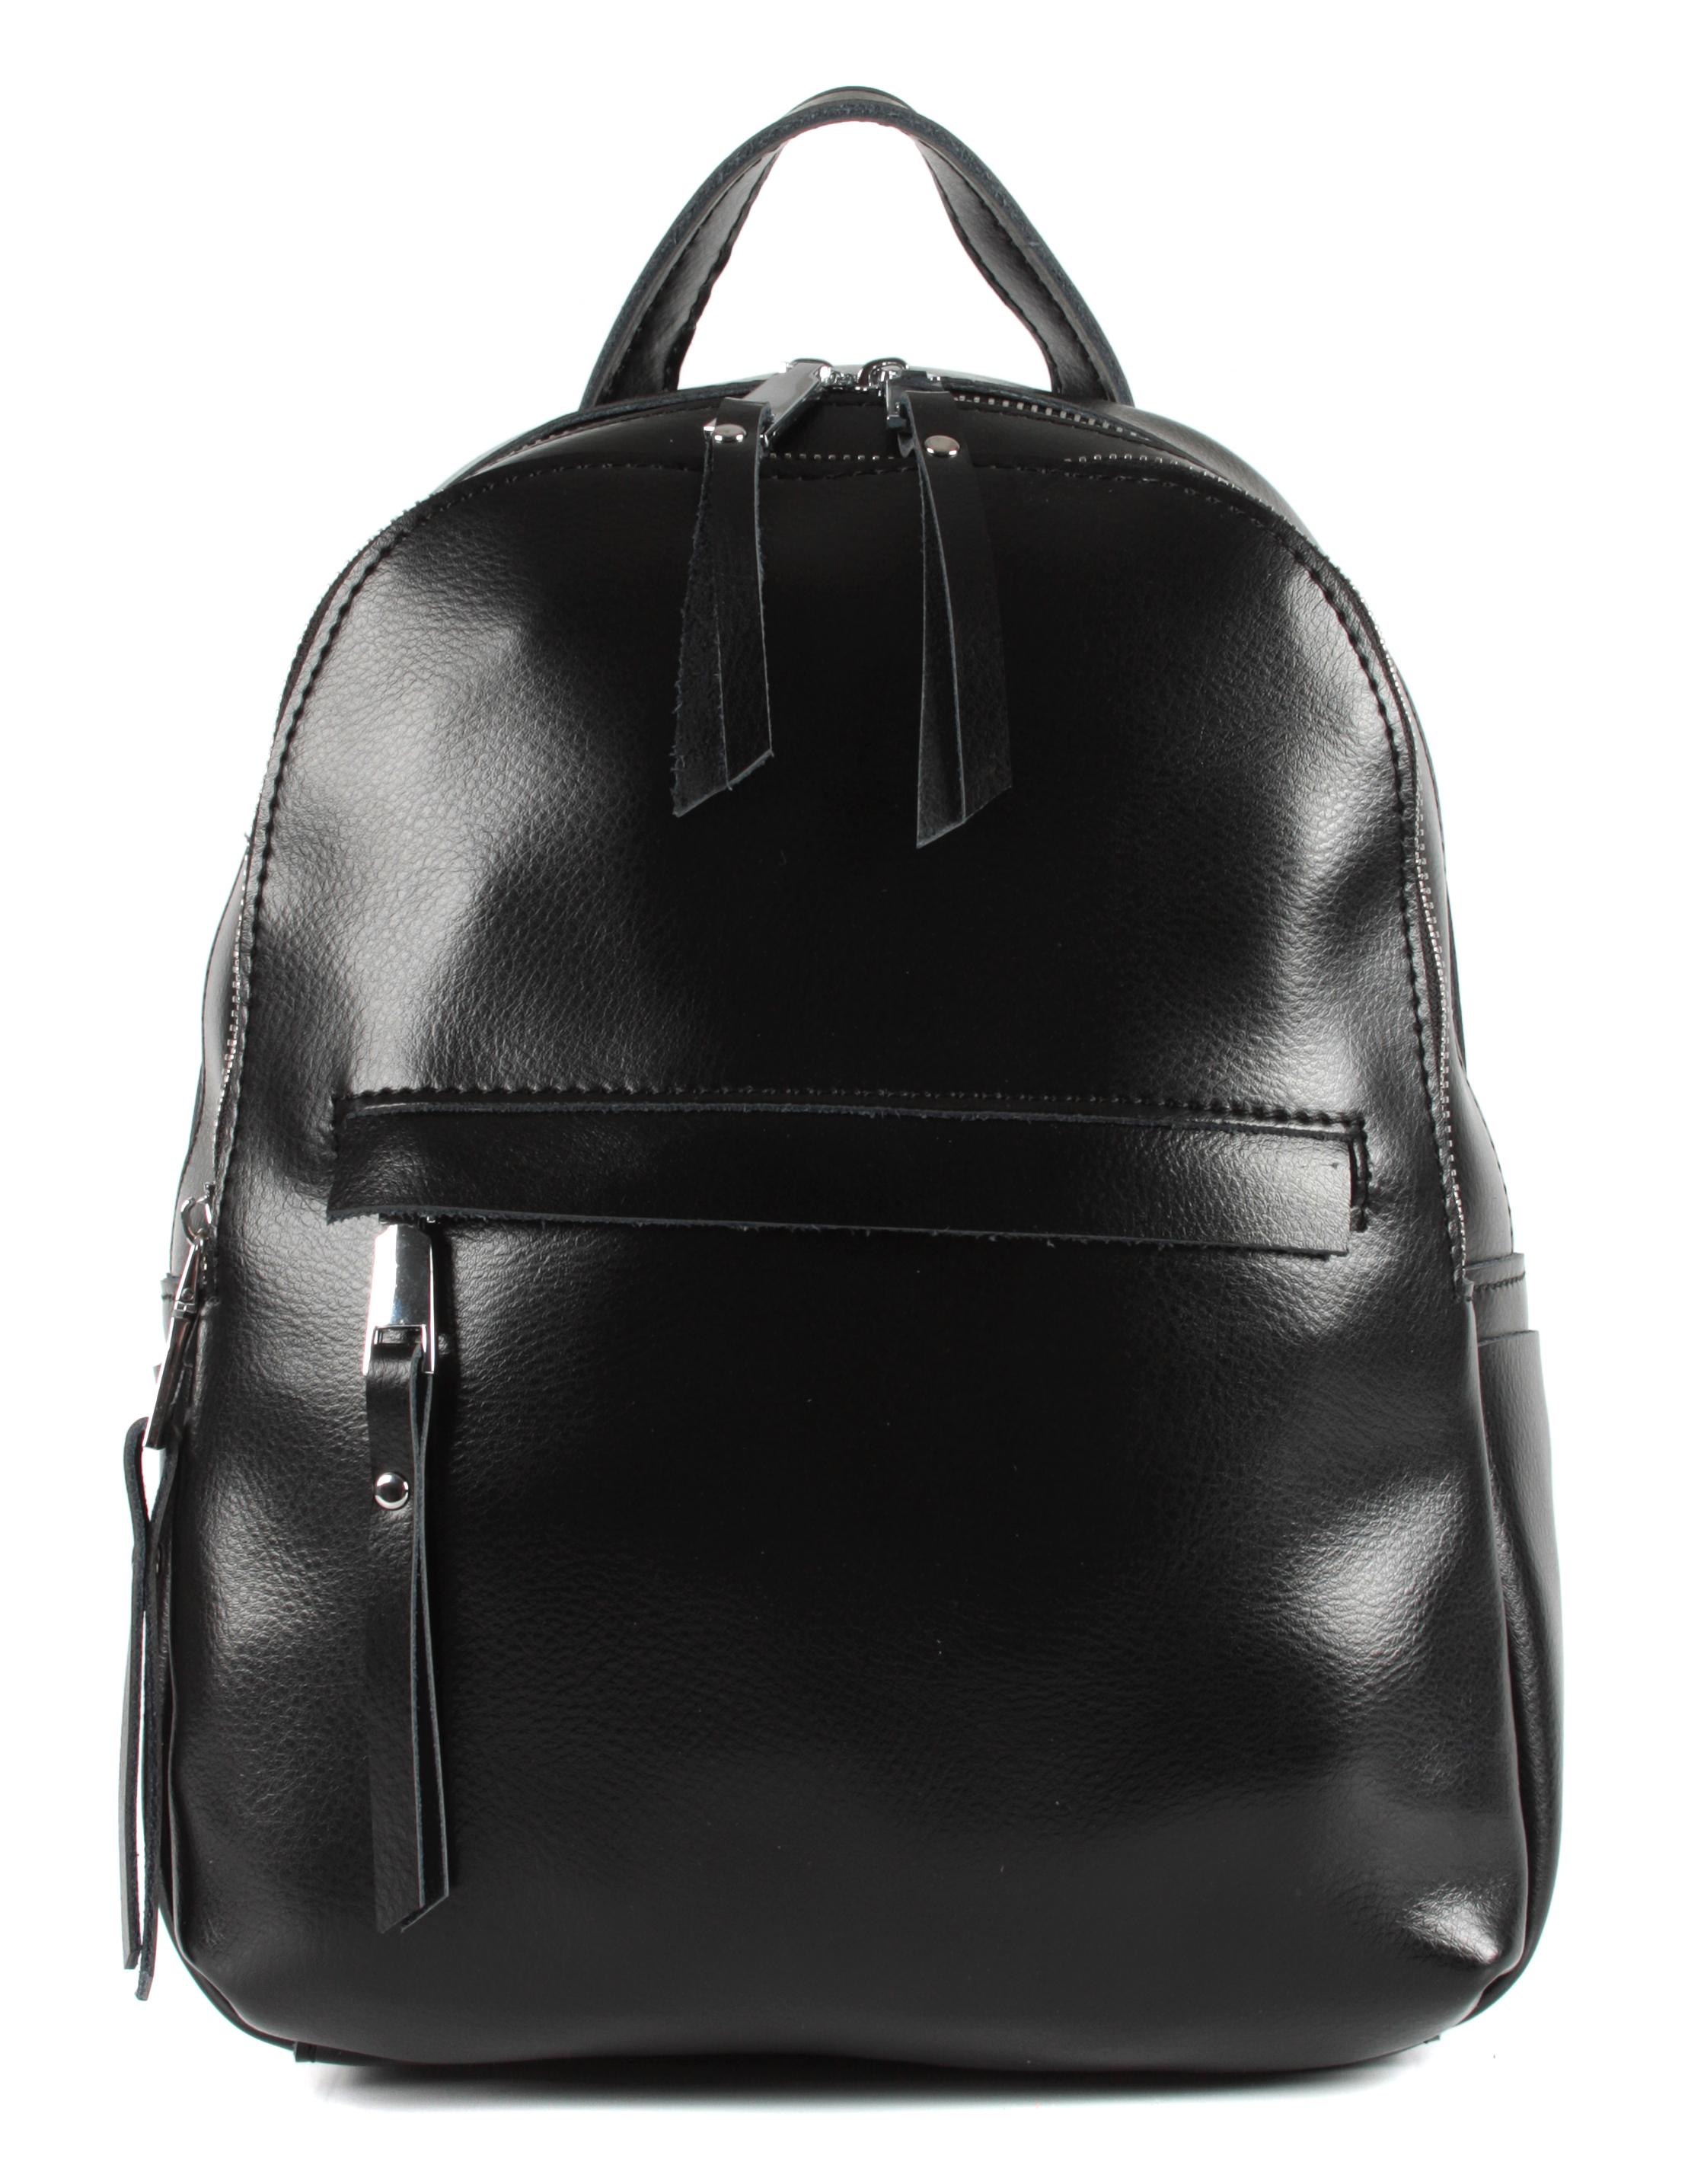 Рюкзак MEYNINGER СВ2062, СВ2062/черный, черный ай ши oiwas новые письма напечатаны дамы рюкзак корейский случайные мешок плеча черный женский ocb1620